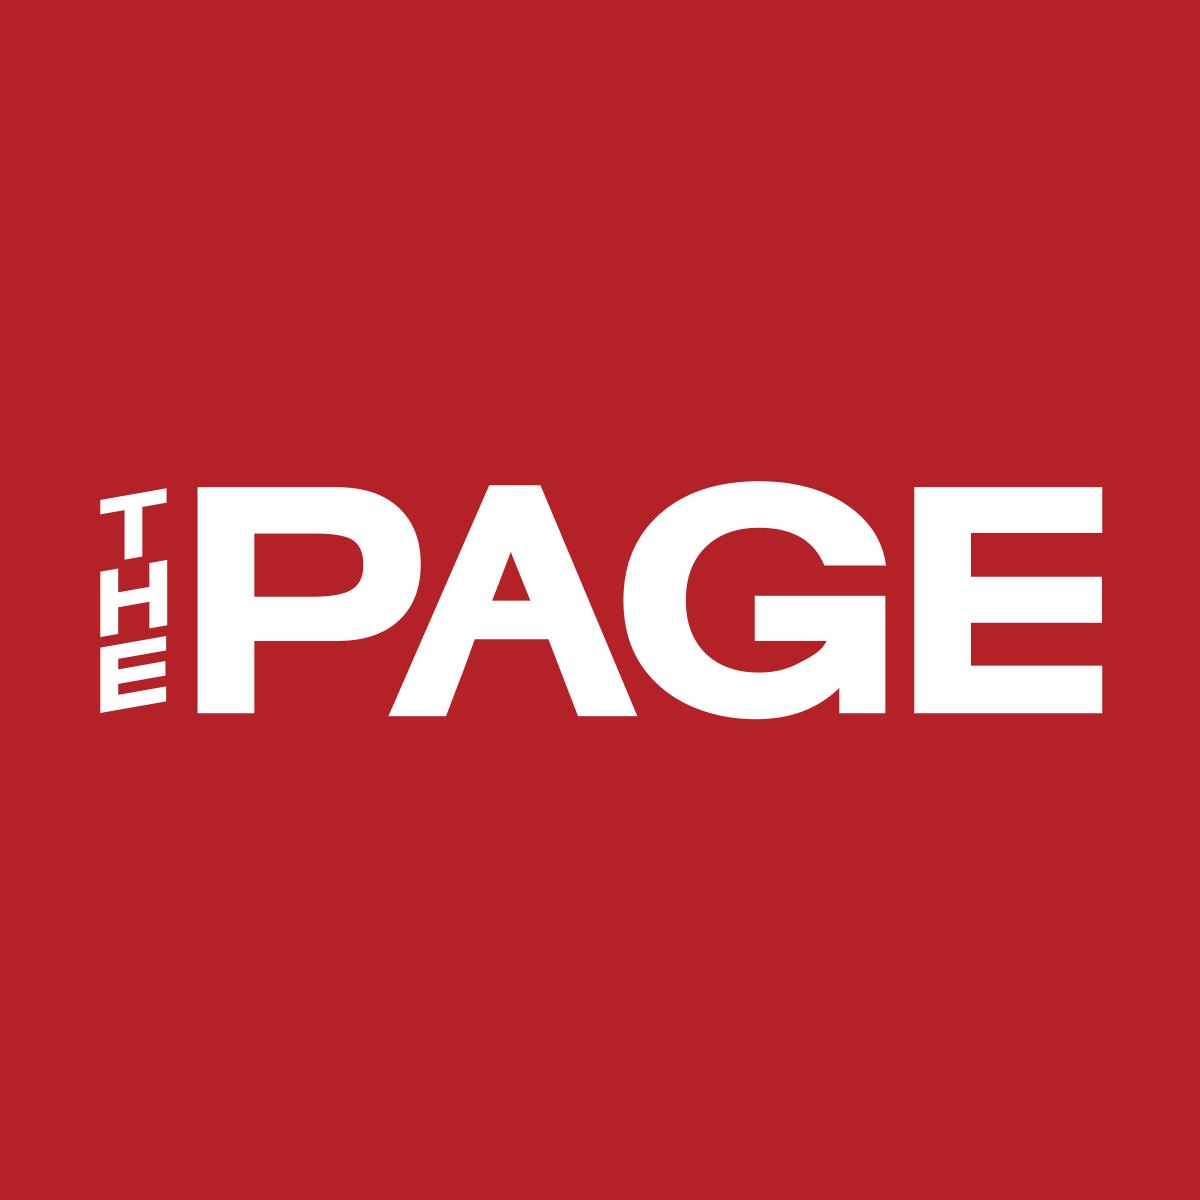 トヨタ、5年間法人税を払っていなかった!! | THE PAGE(ザ・ページ)